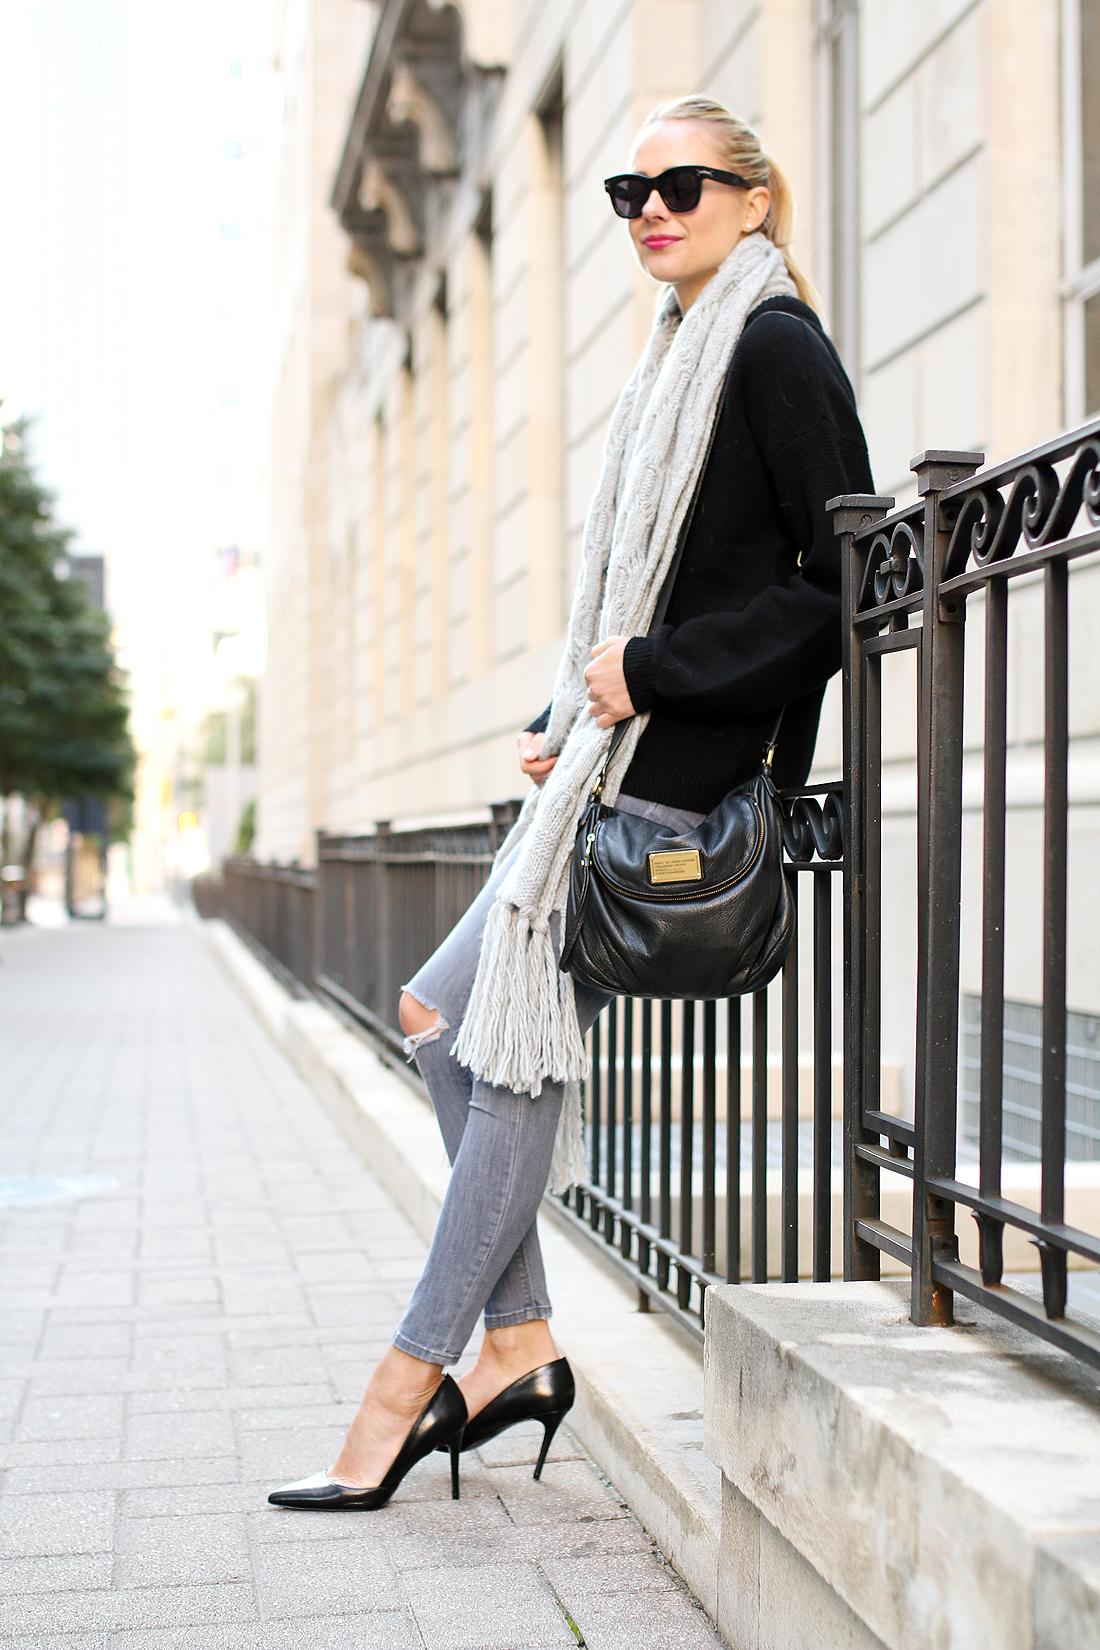 fashion-jackson-black-celine-sunglasses-banana-republic-grey-fringe-scarf-black-oversized-sweater-grey-ripped-skinny-jeans-banana-republic-black-pumps